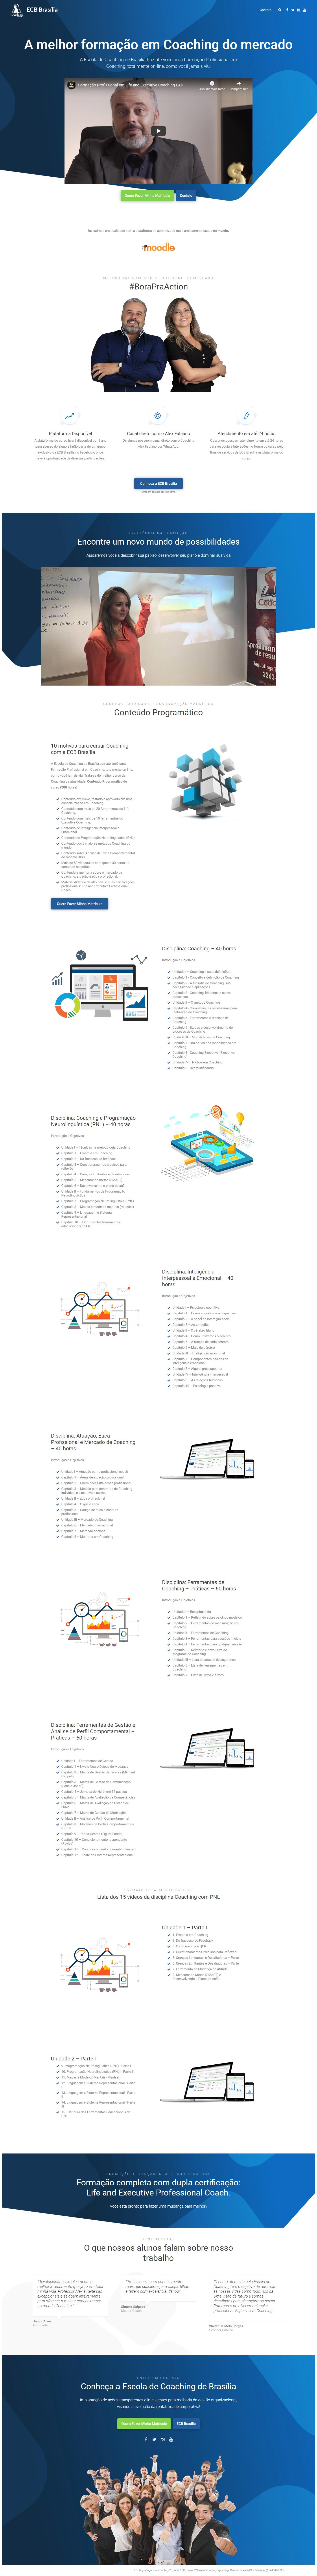 escola-de-coaching-de-brasilia-ecb-brasilia-vendas-tecnologia-desenvolvimento-sites-websites-suporte-seo-hospedagem-ead